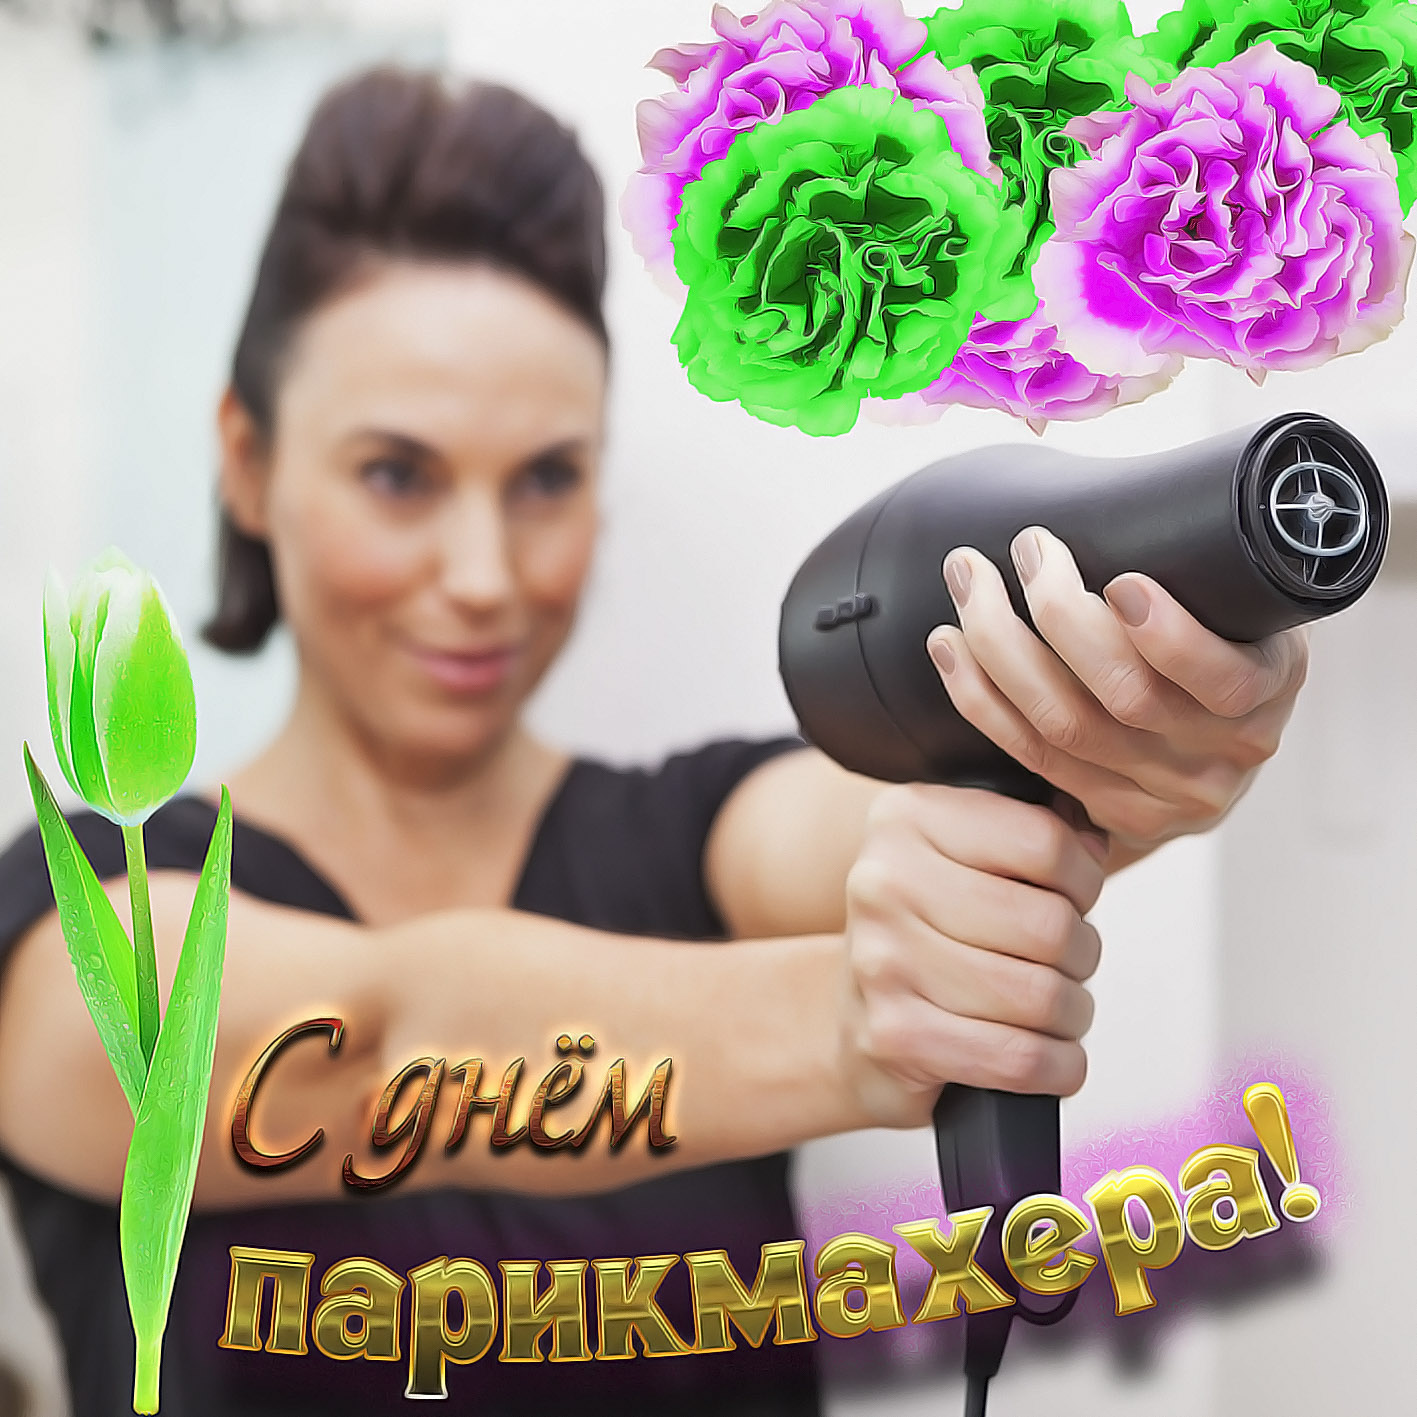 Открытка на День парикмахера - девушка с феном на фоне цветов